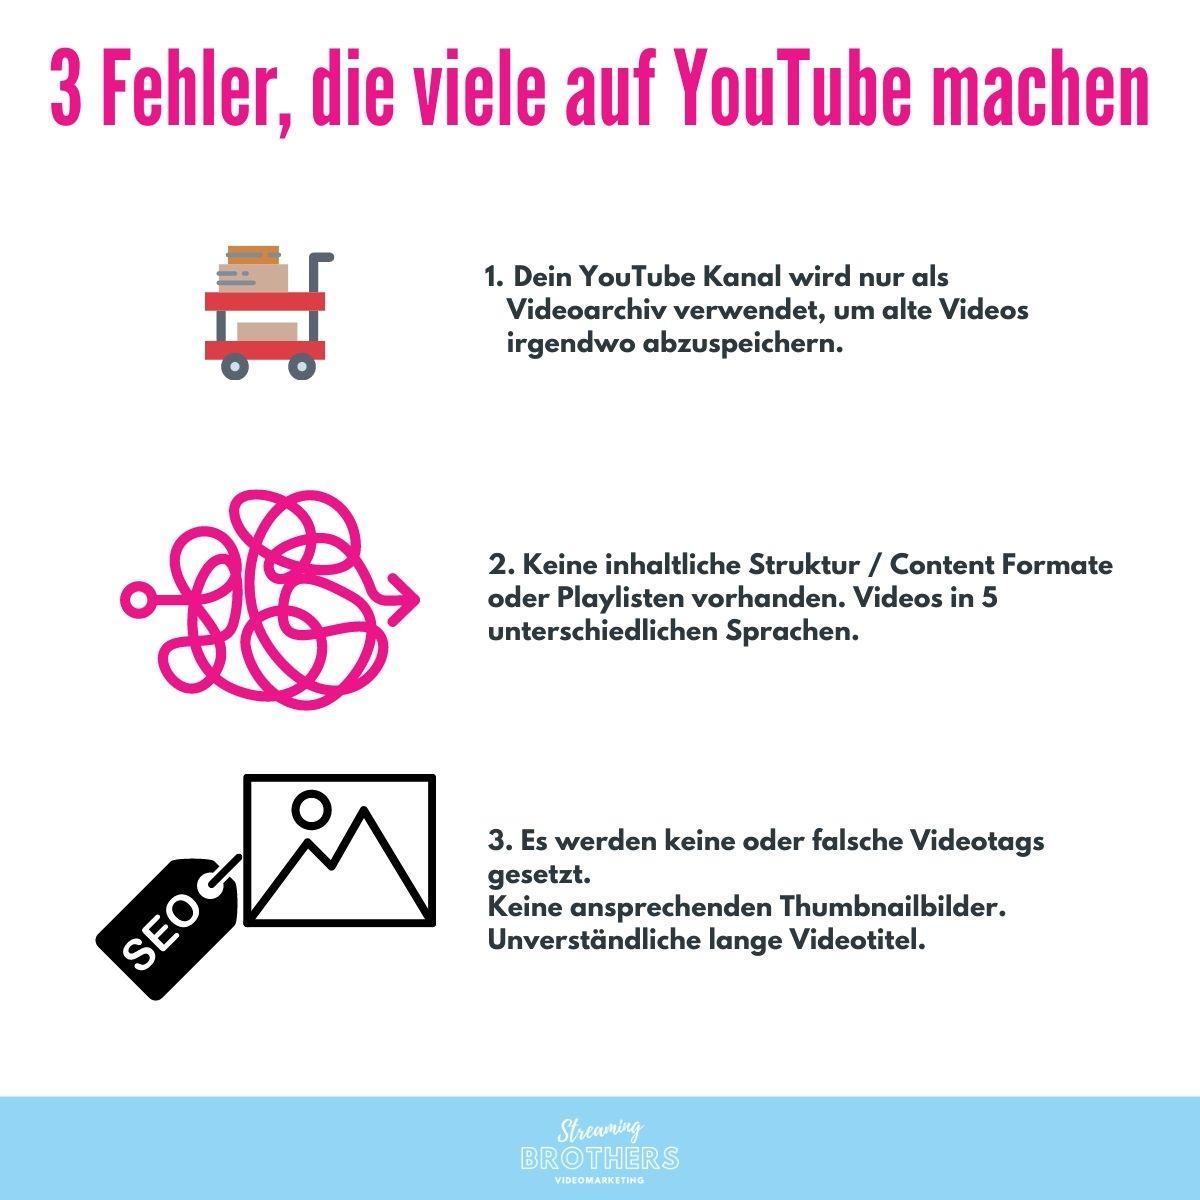 3 Fehler die viele Marken / Unternehmen auf YouTube machen